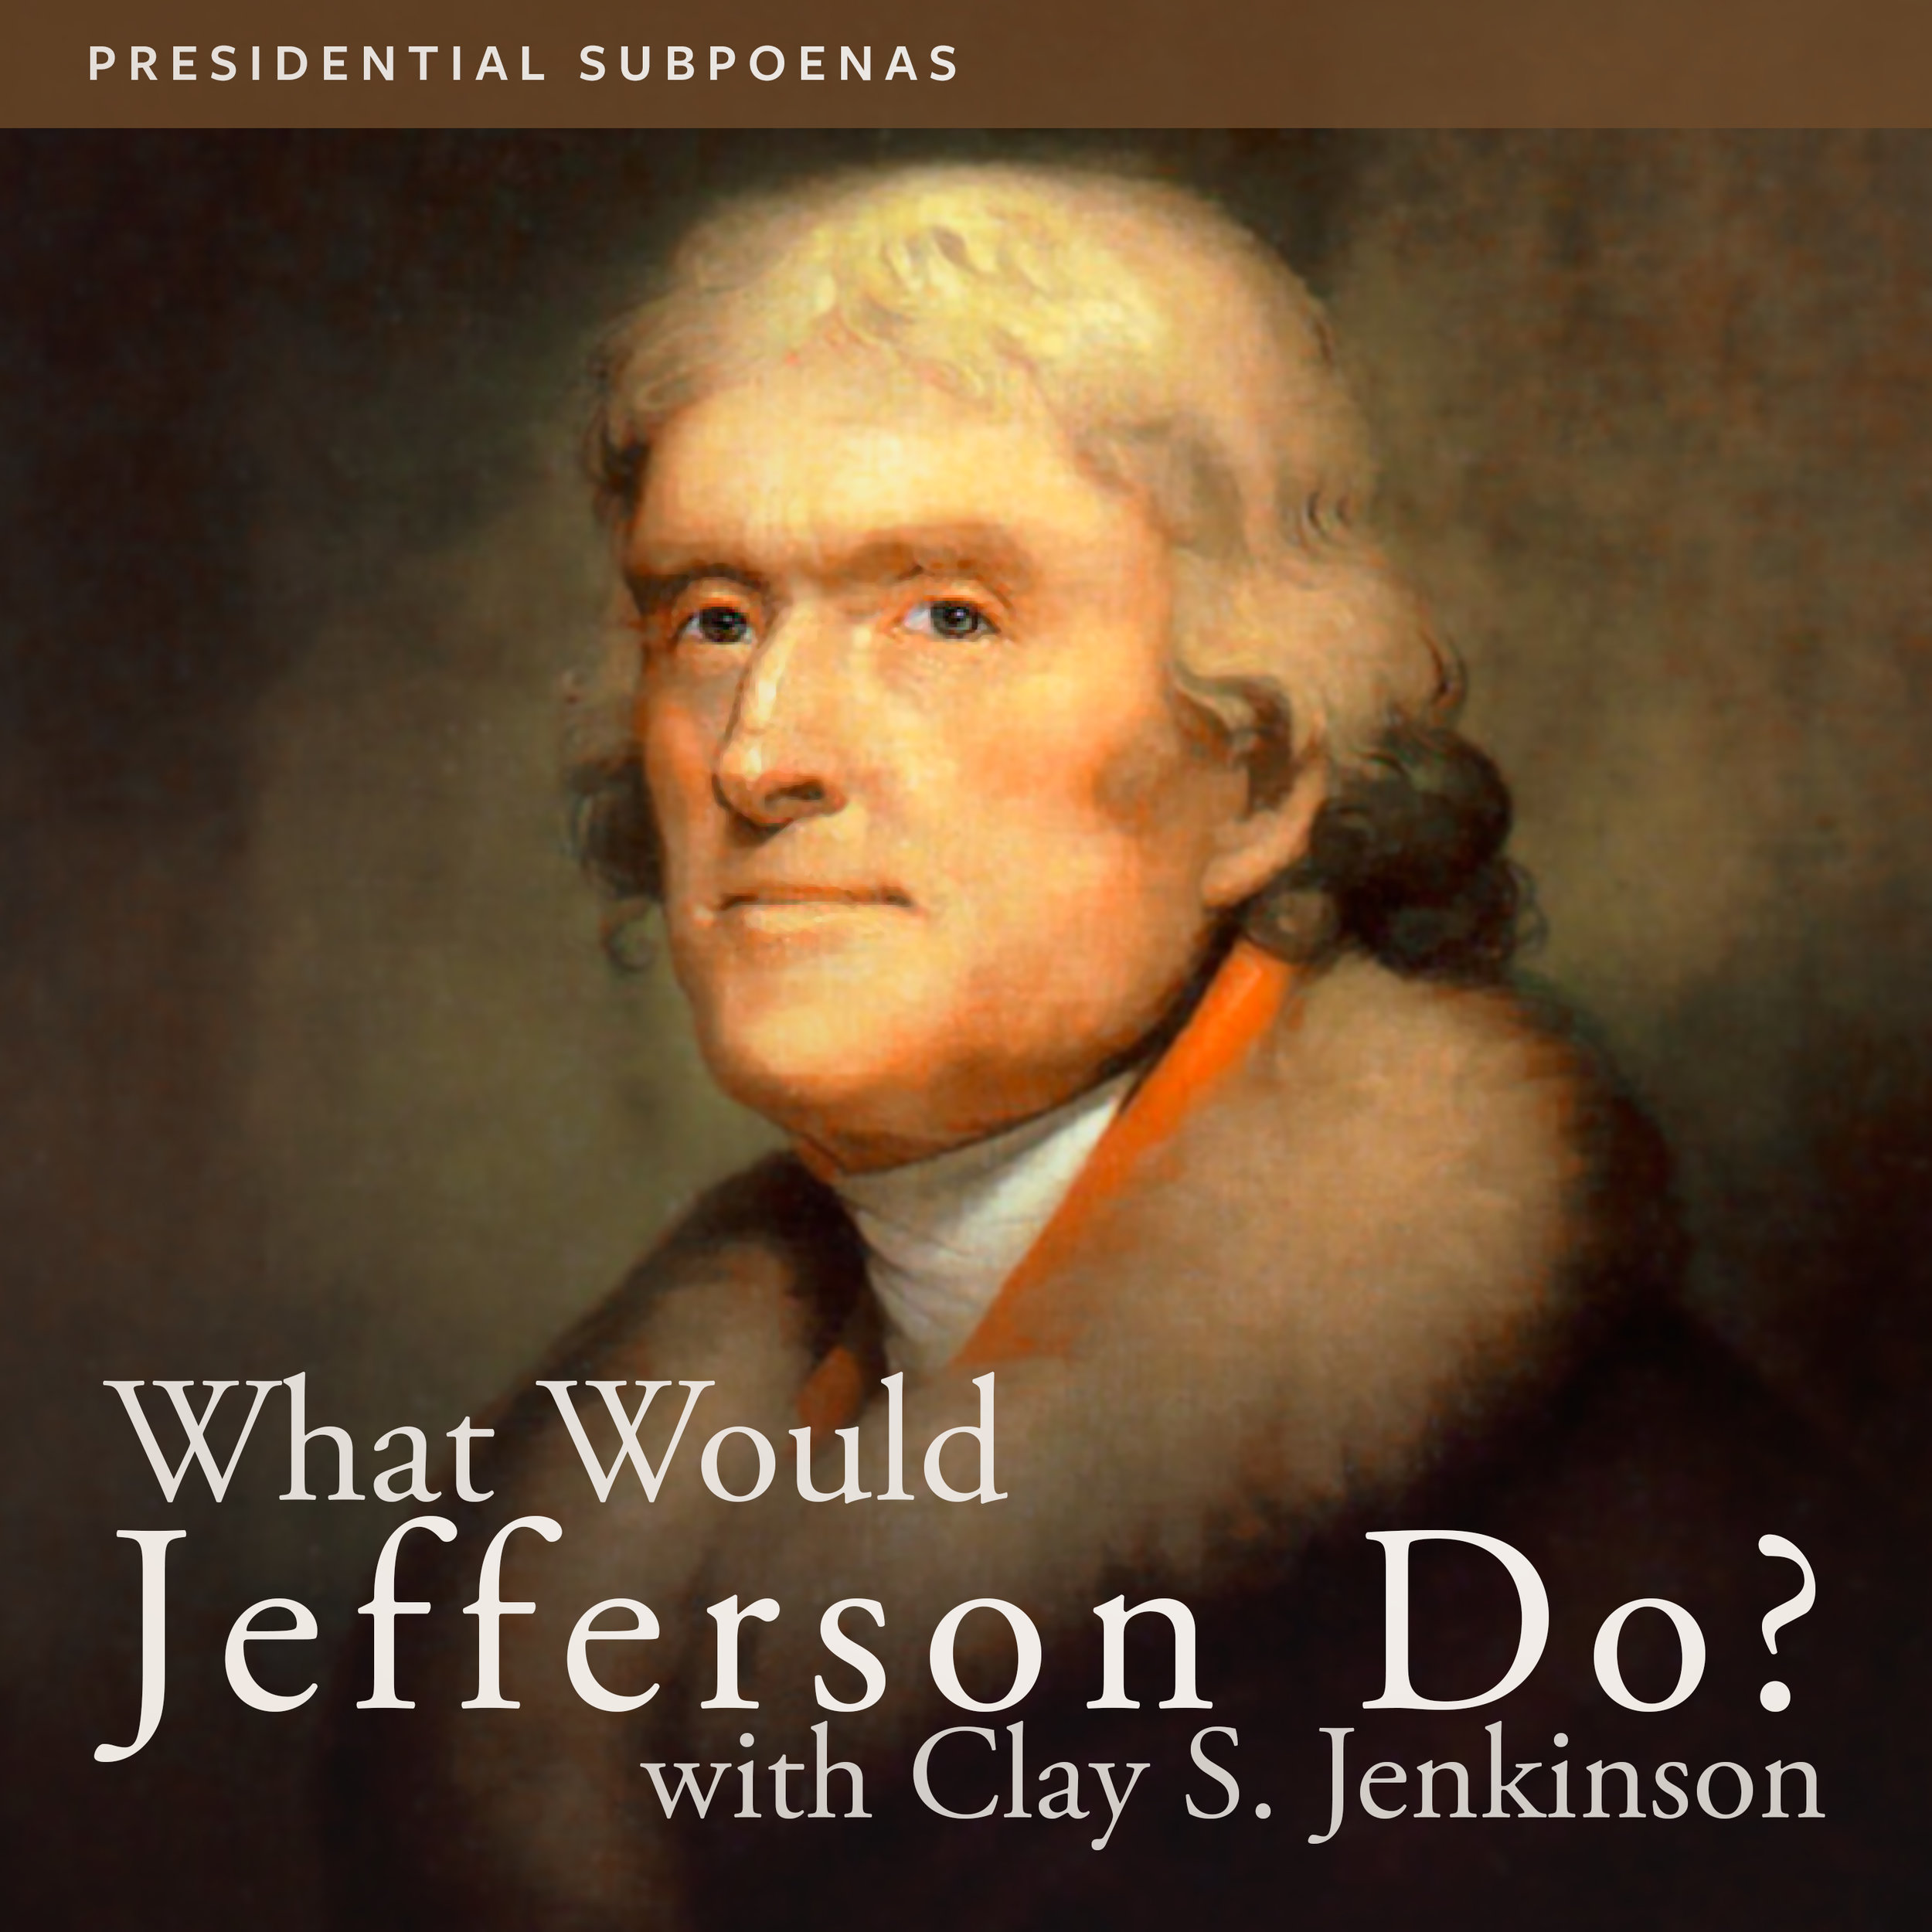 WWTJD_1287 Presidential Subpoenas.jpg